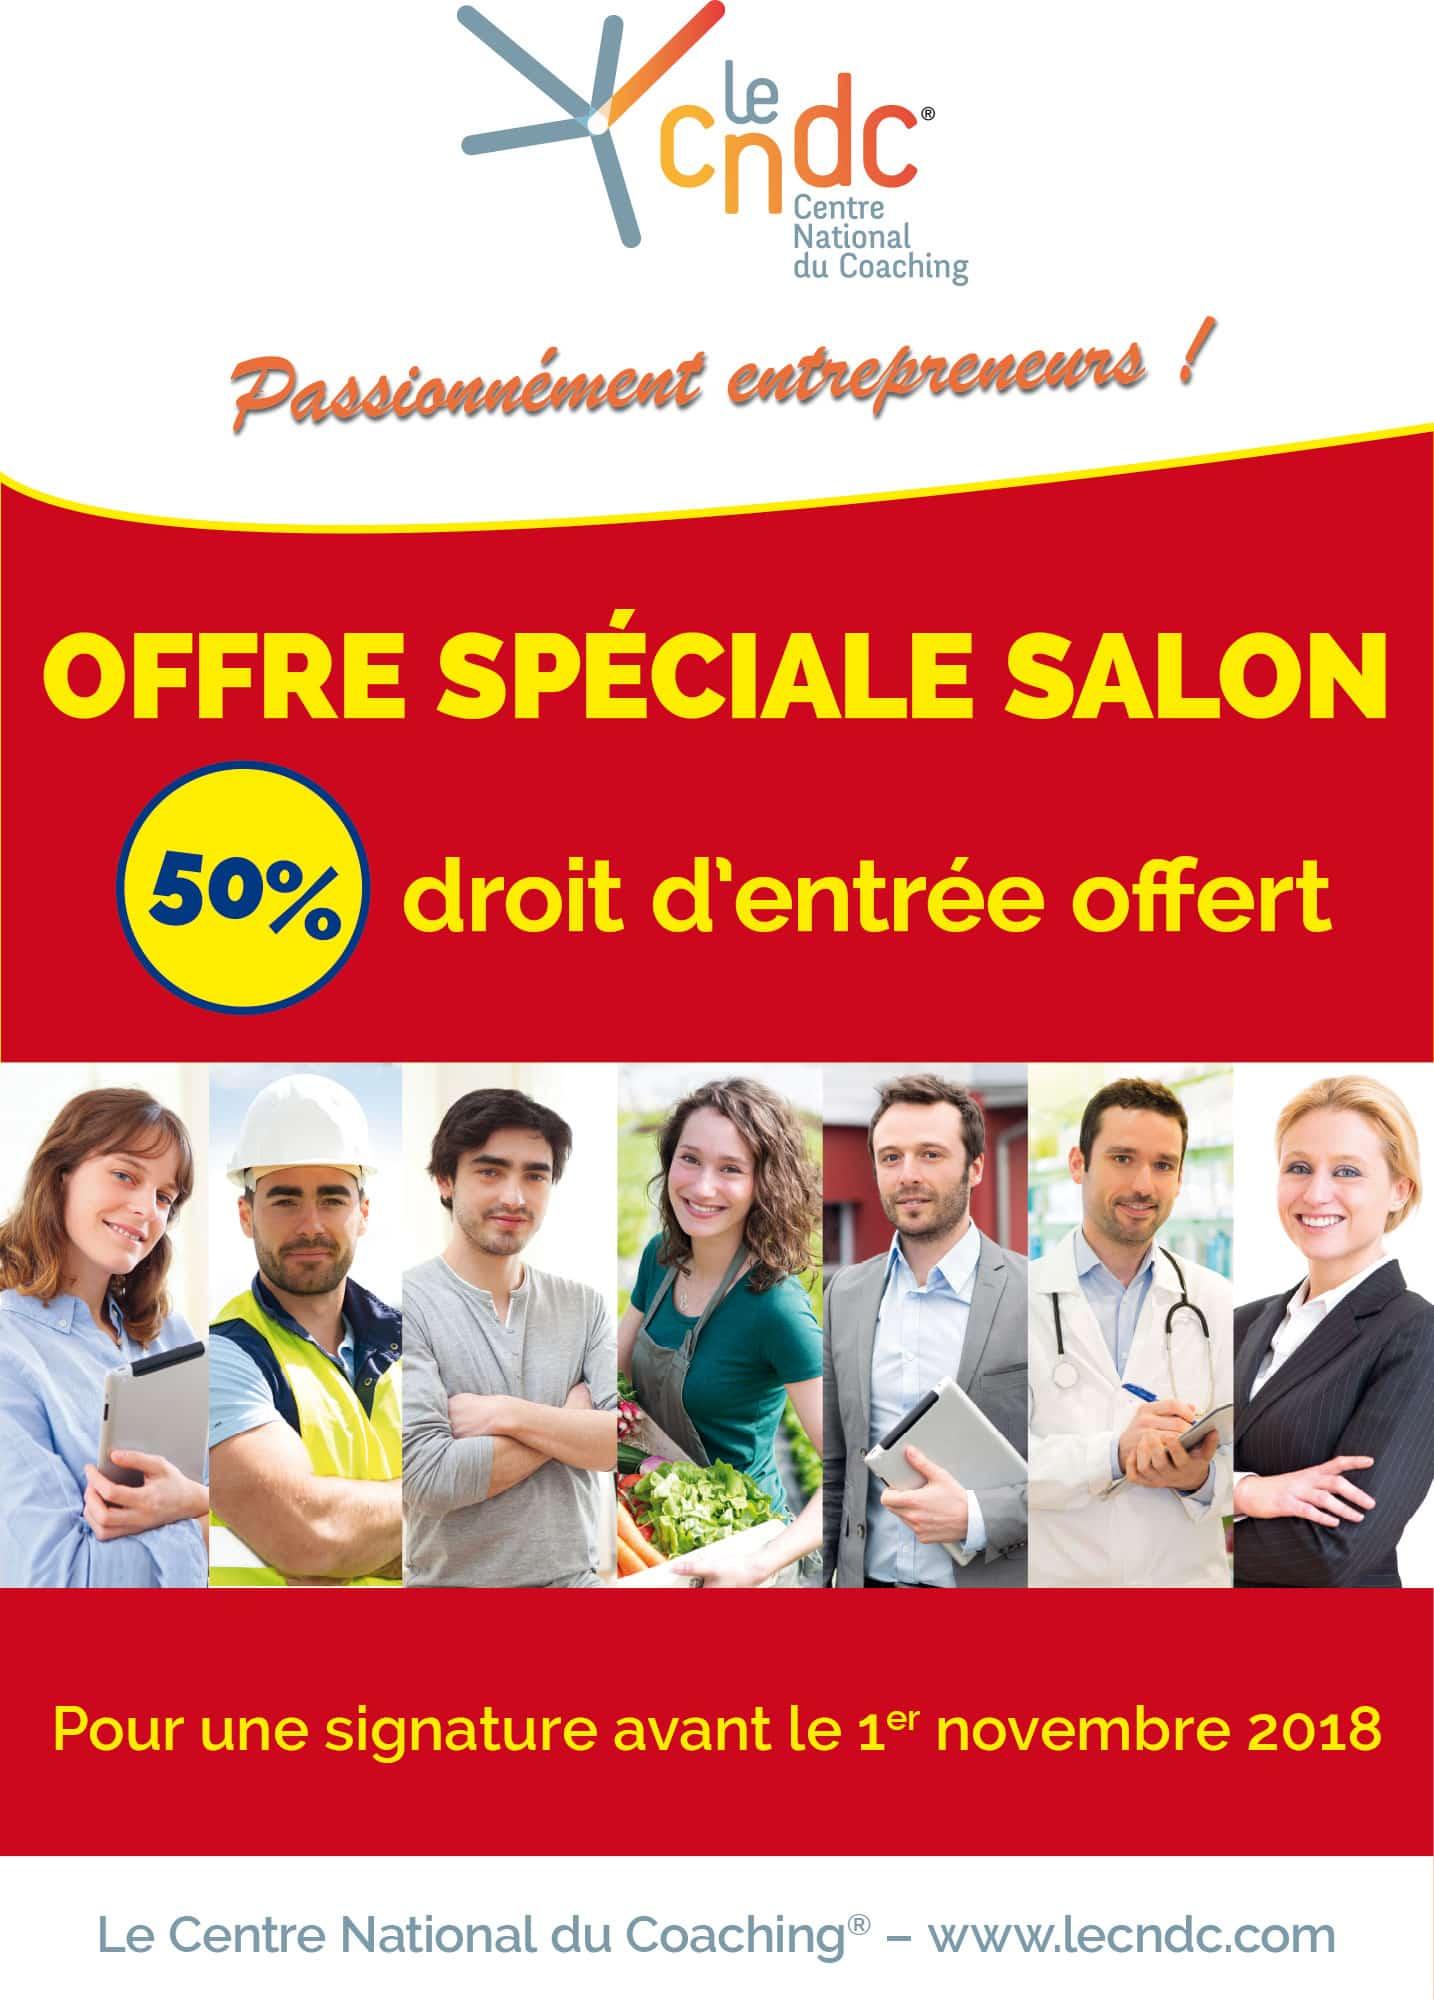 Poster Offre Salon Le Centre National du Coaching